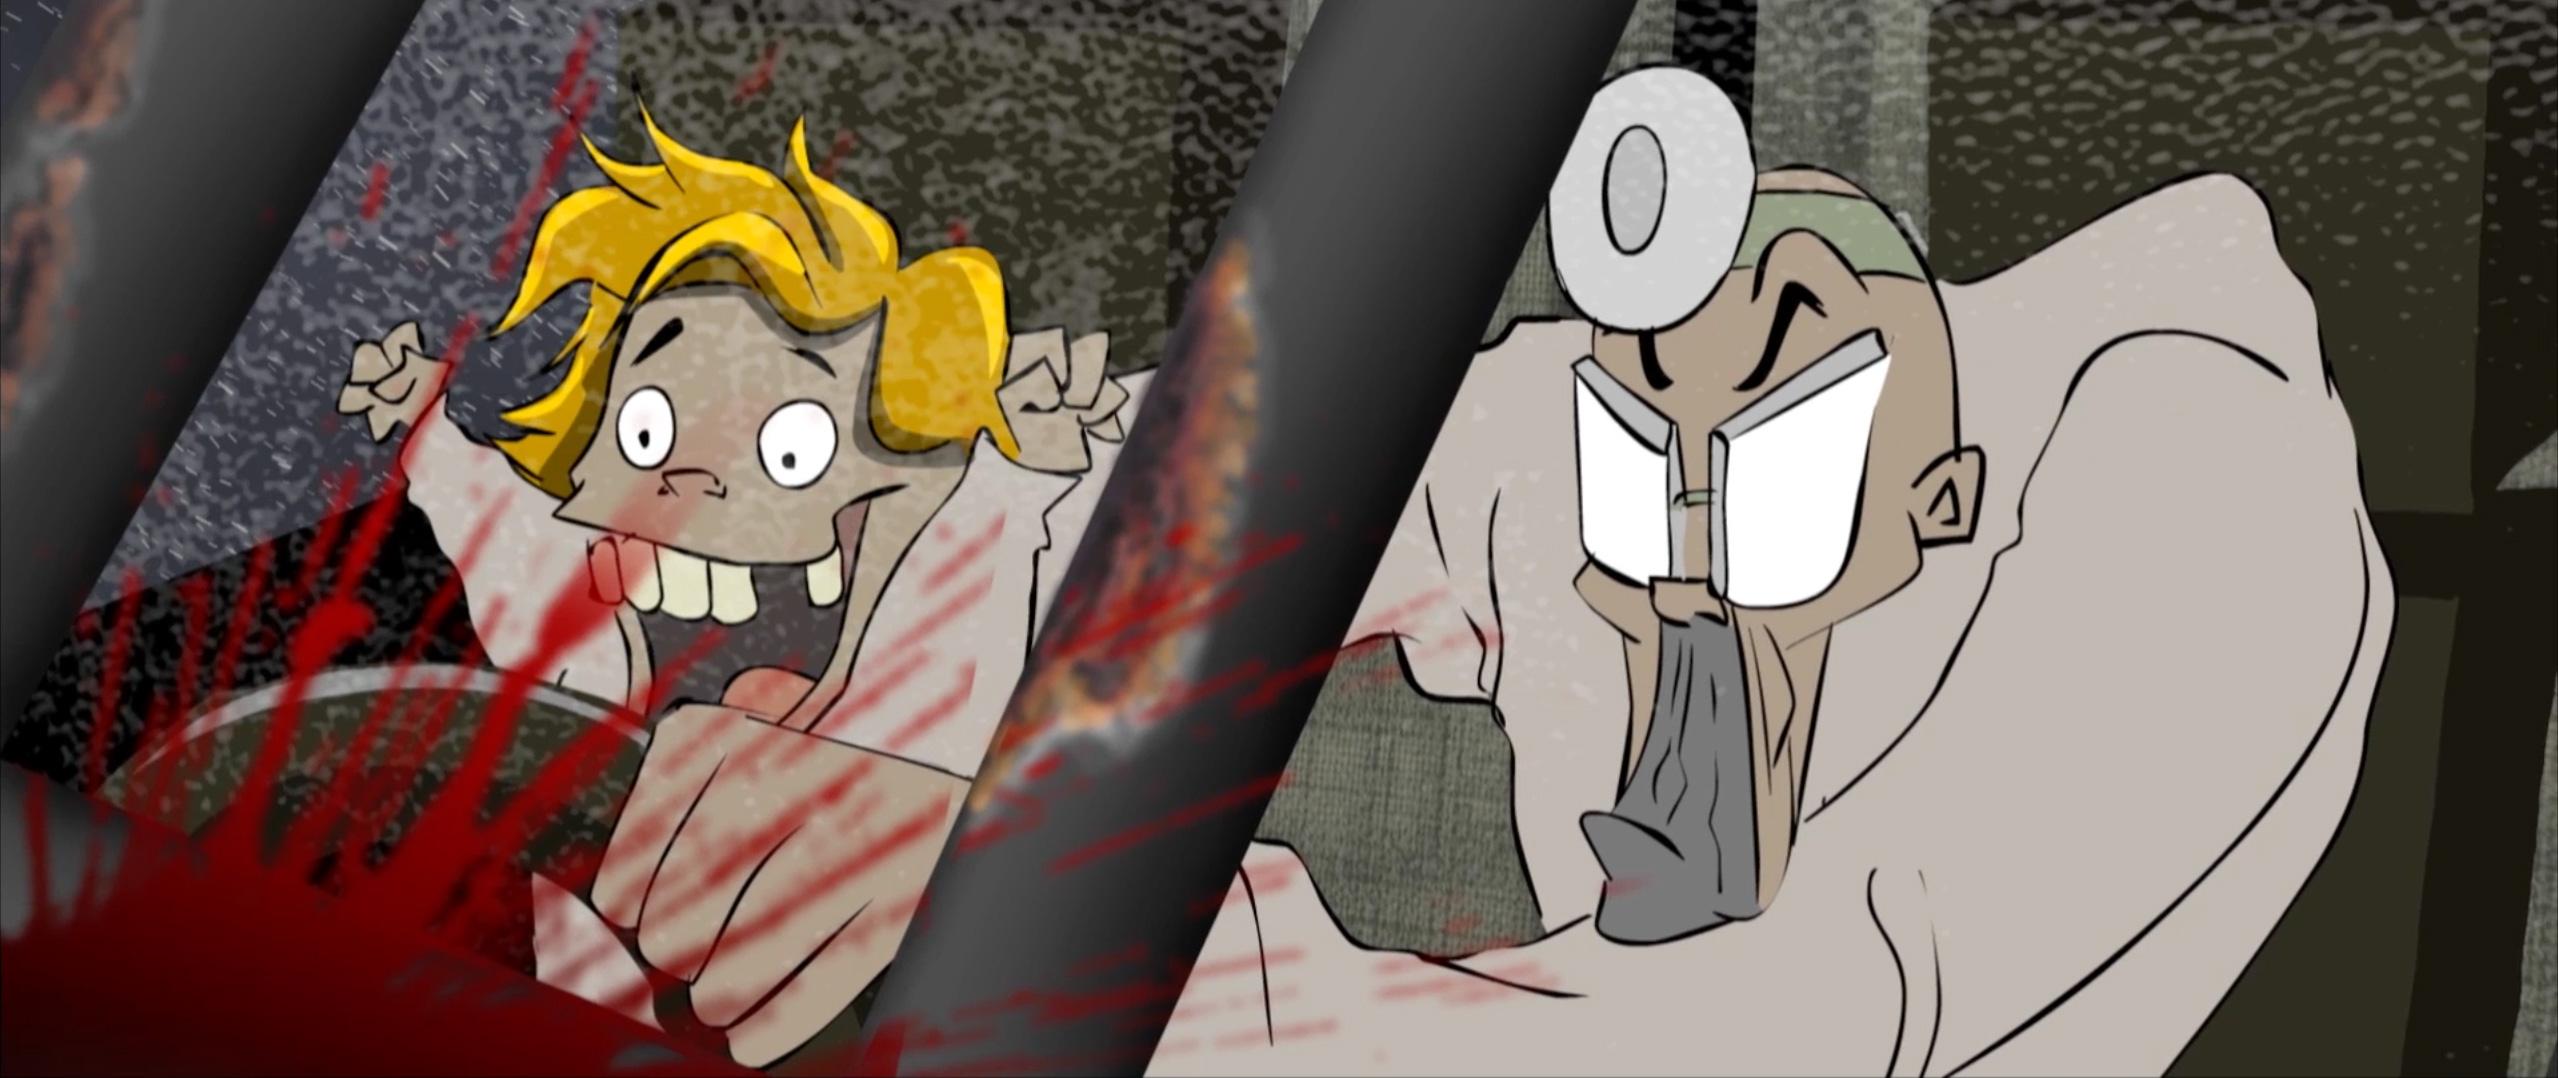 dredd-animated-mini-series-image